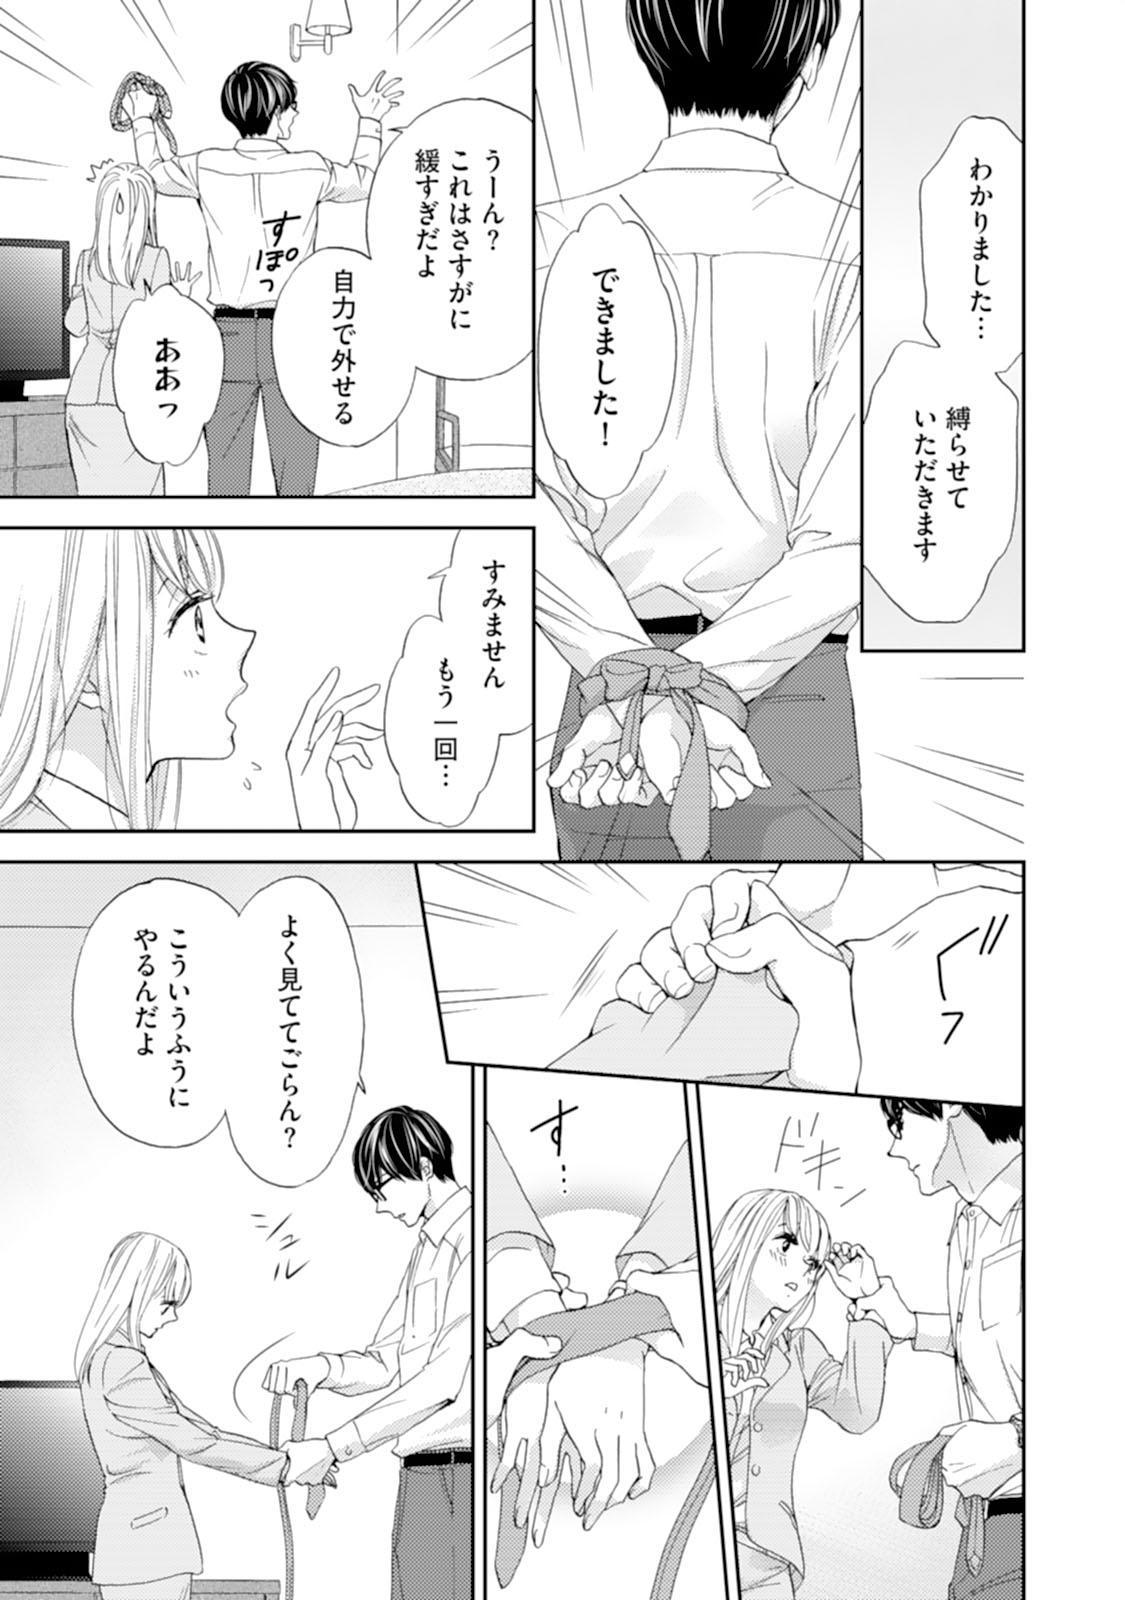 [Adumi Yuu] Choukyou-kei Danshi Ookami-sama to Koneko-chan Ch. 1-3 14